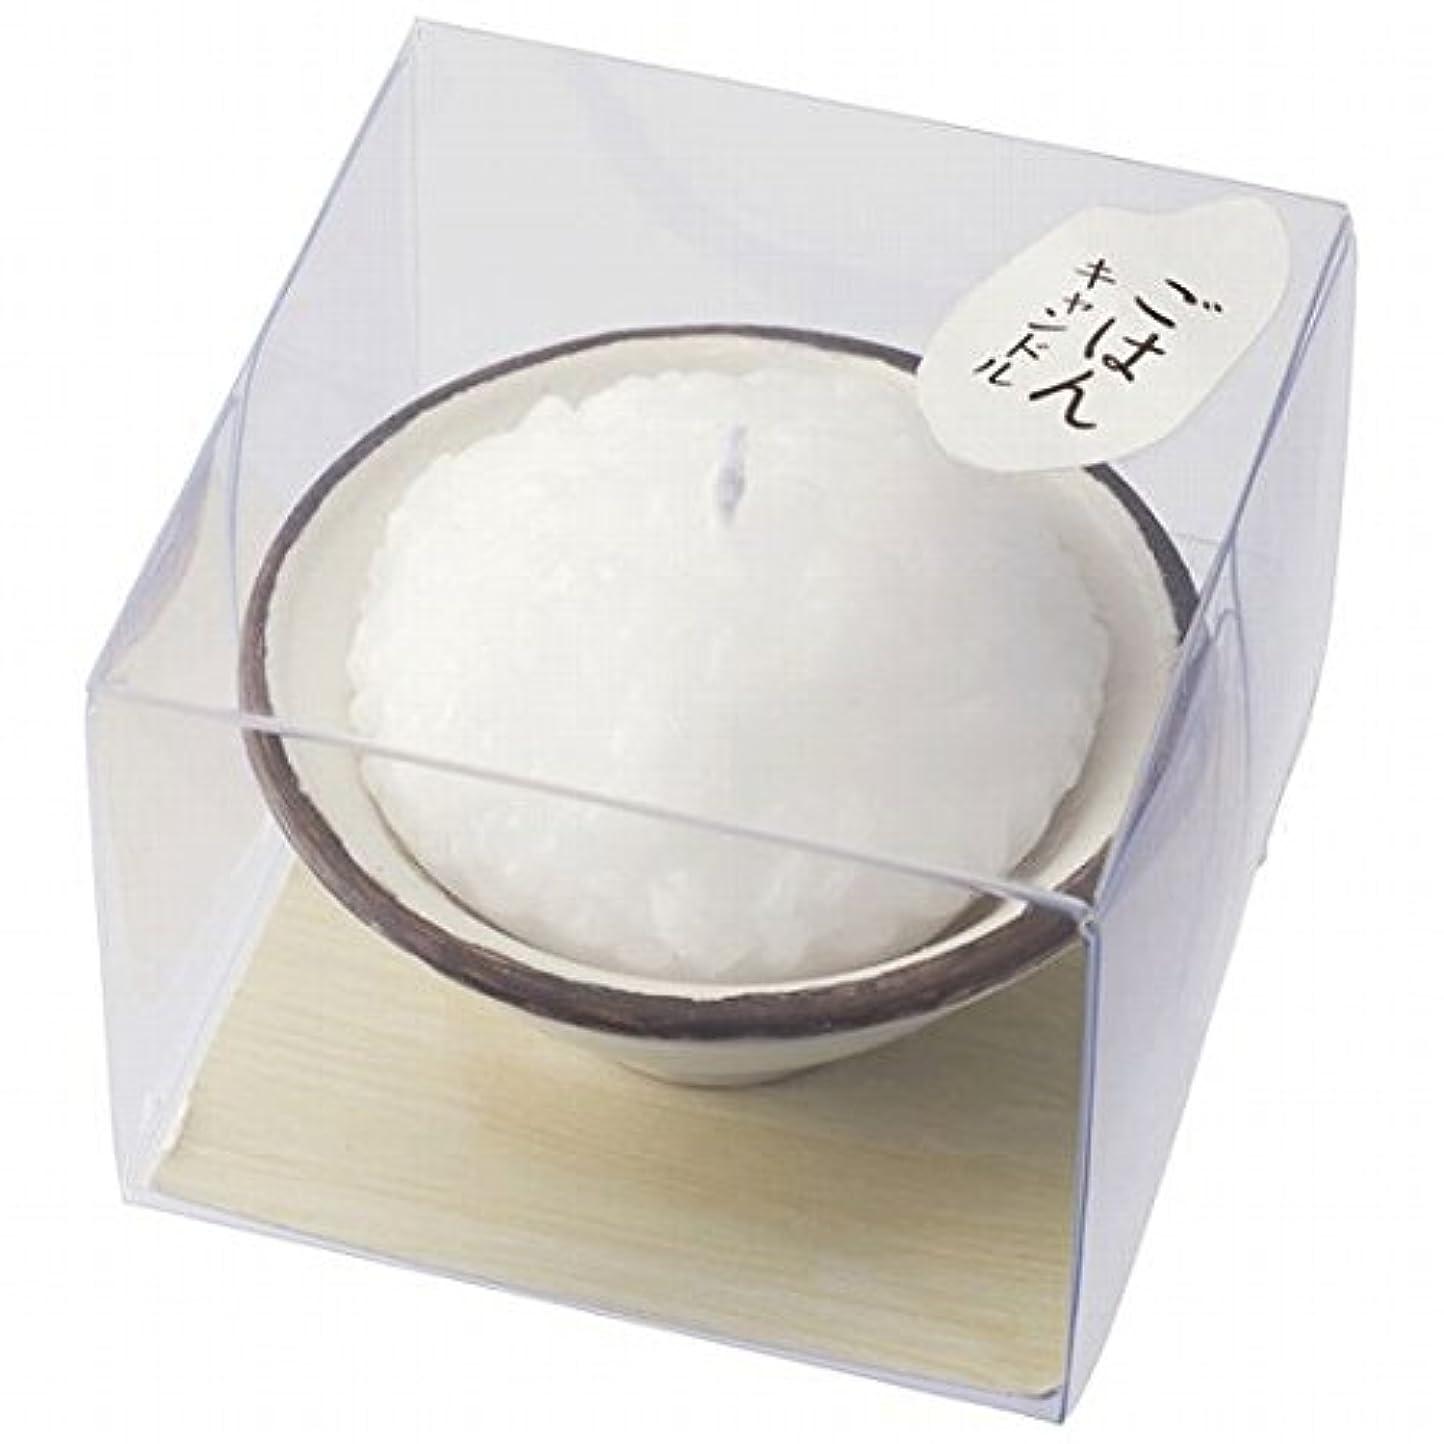 ビルマ素晴らしき金曜日カメヤマキャンドル(kameyama candle) ごはんキャンドル